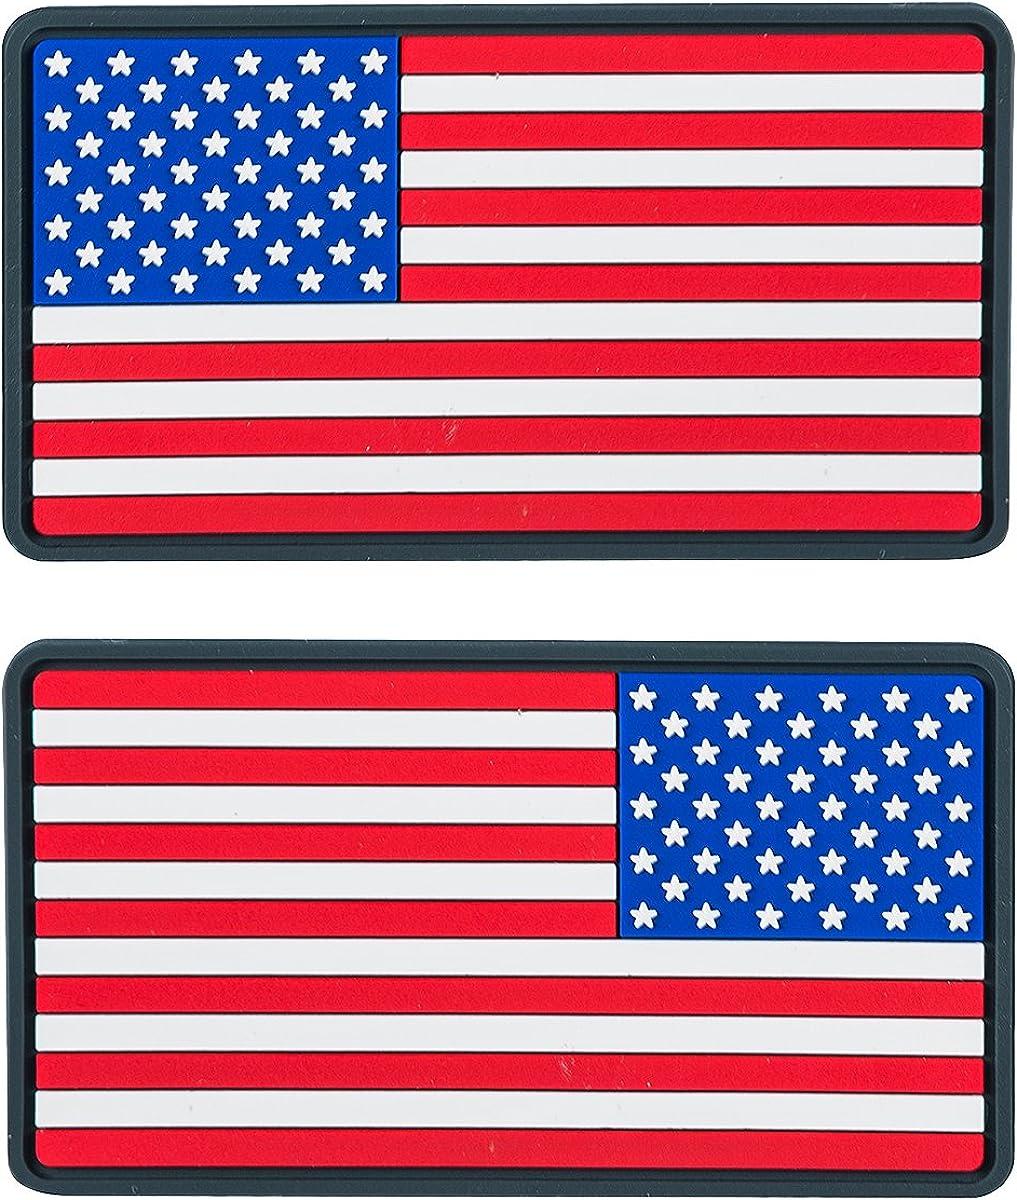 Vraies couleurs Lot de 2 Helikon USA Grand Drapeau PVC /Écusson